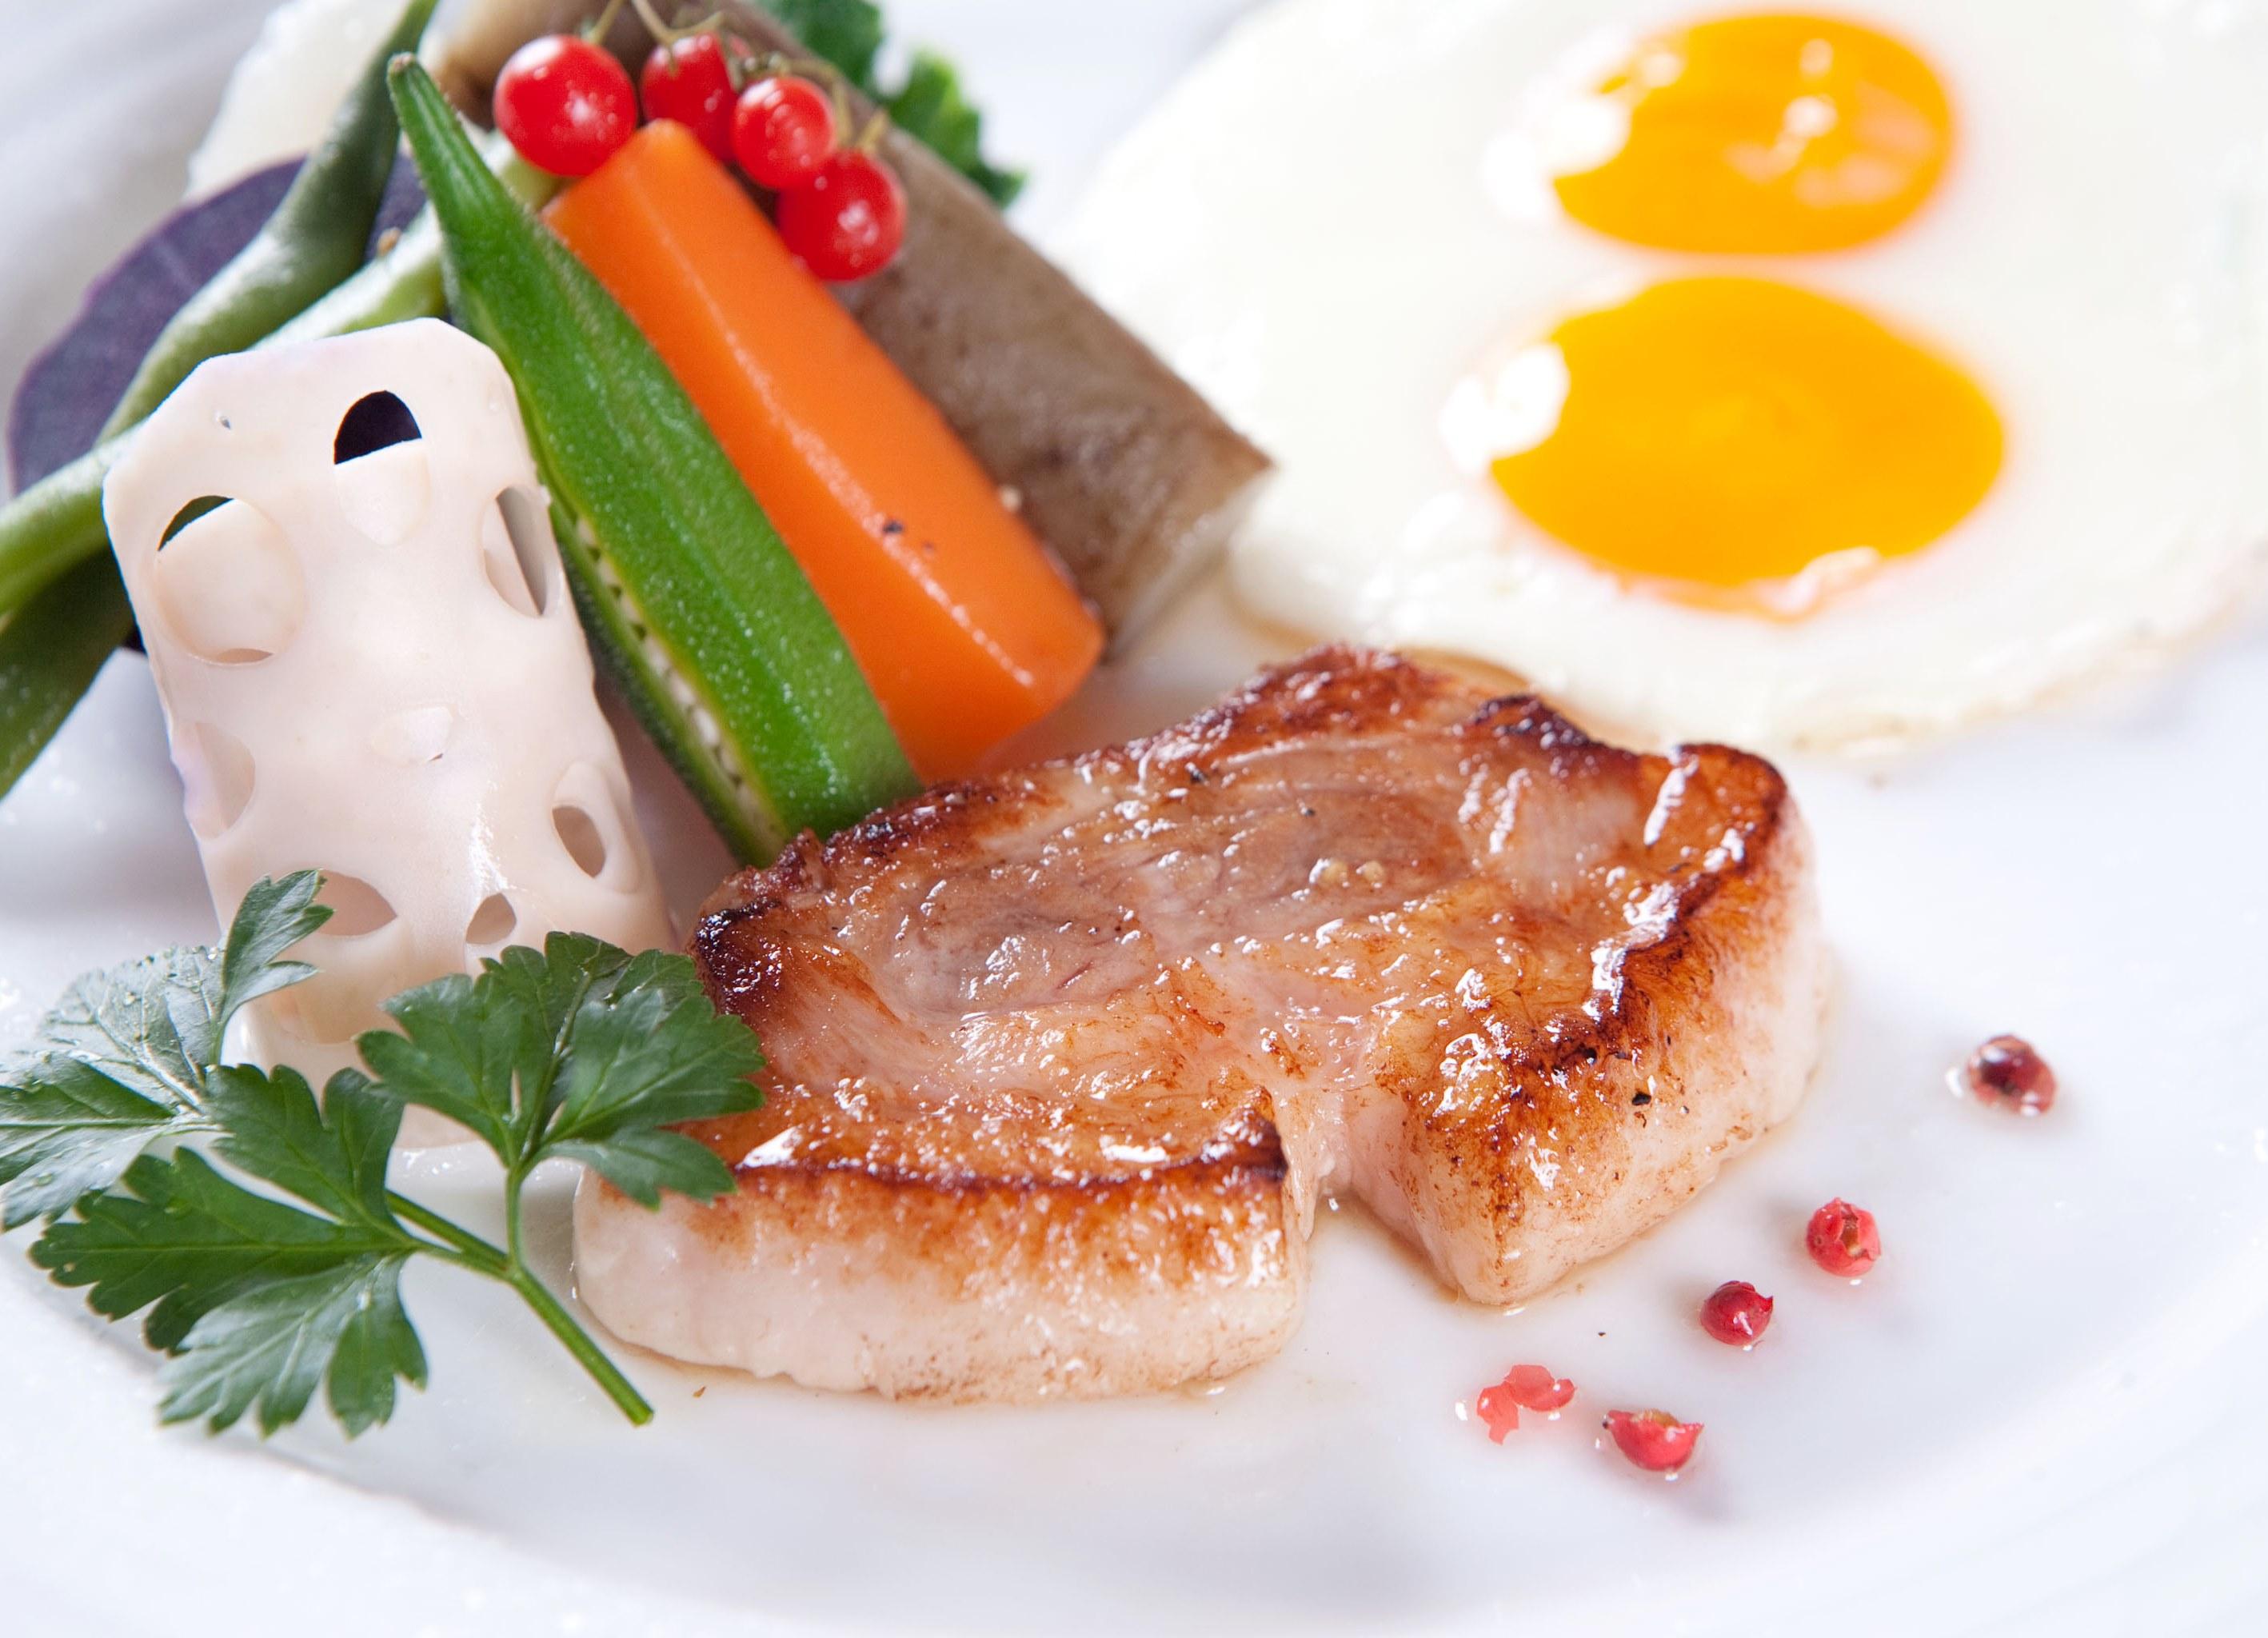 テラスガーデン美浜リゾート / 【あなたのお部屋がレストラン☆】お部屋食スタイルで朝から優雅に♪プライベートルームdeゆったり朝食付